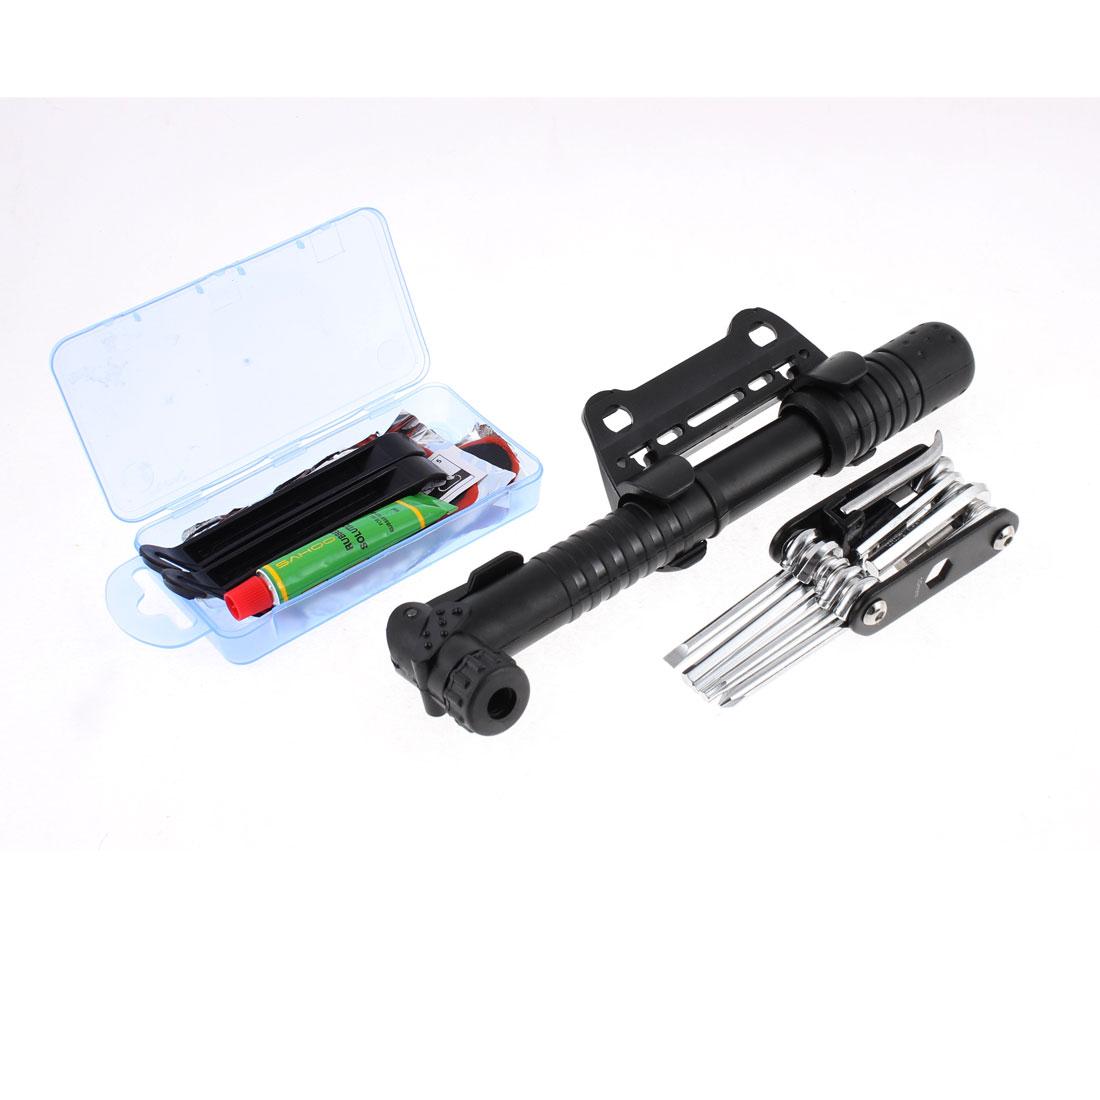 Cycling Bicycle Bike Repair Tools Set Kit Replacement w Bag